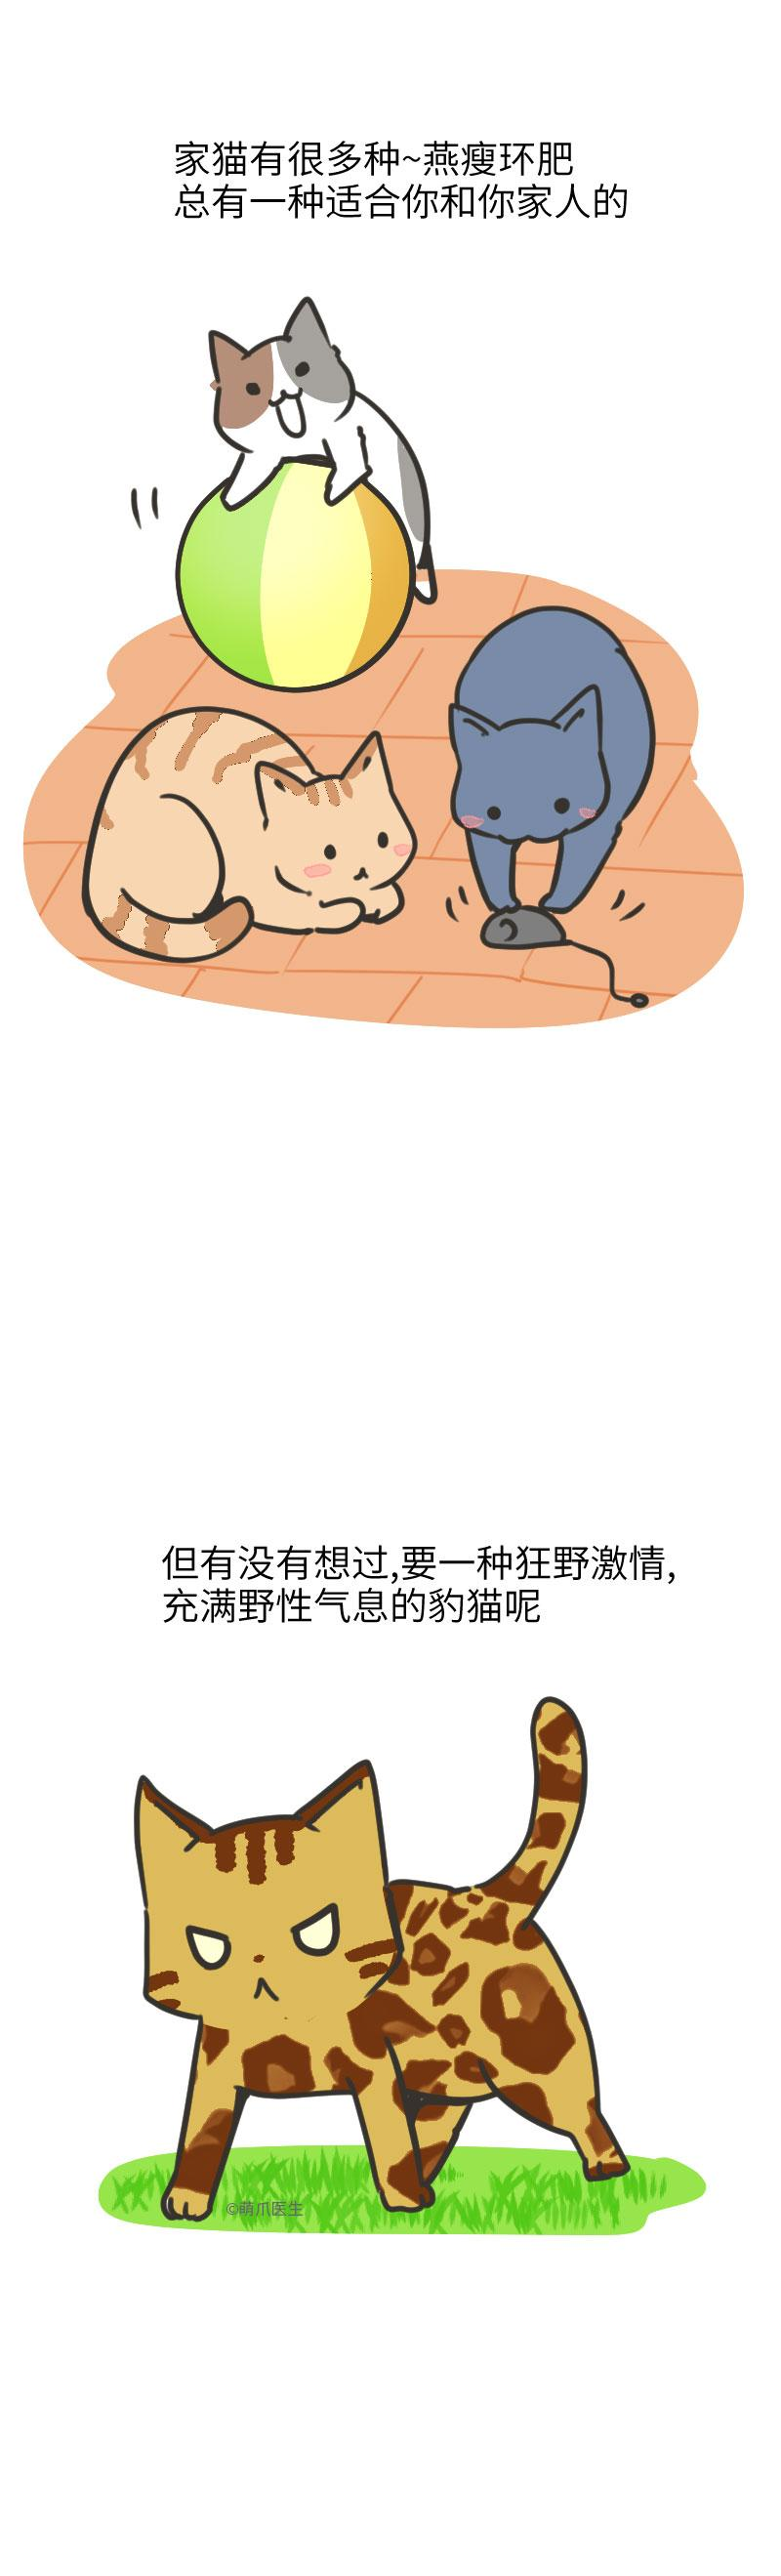 长得像豹的猫就是豹猫?养野生动物也是犯法的喂!